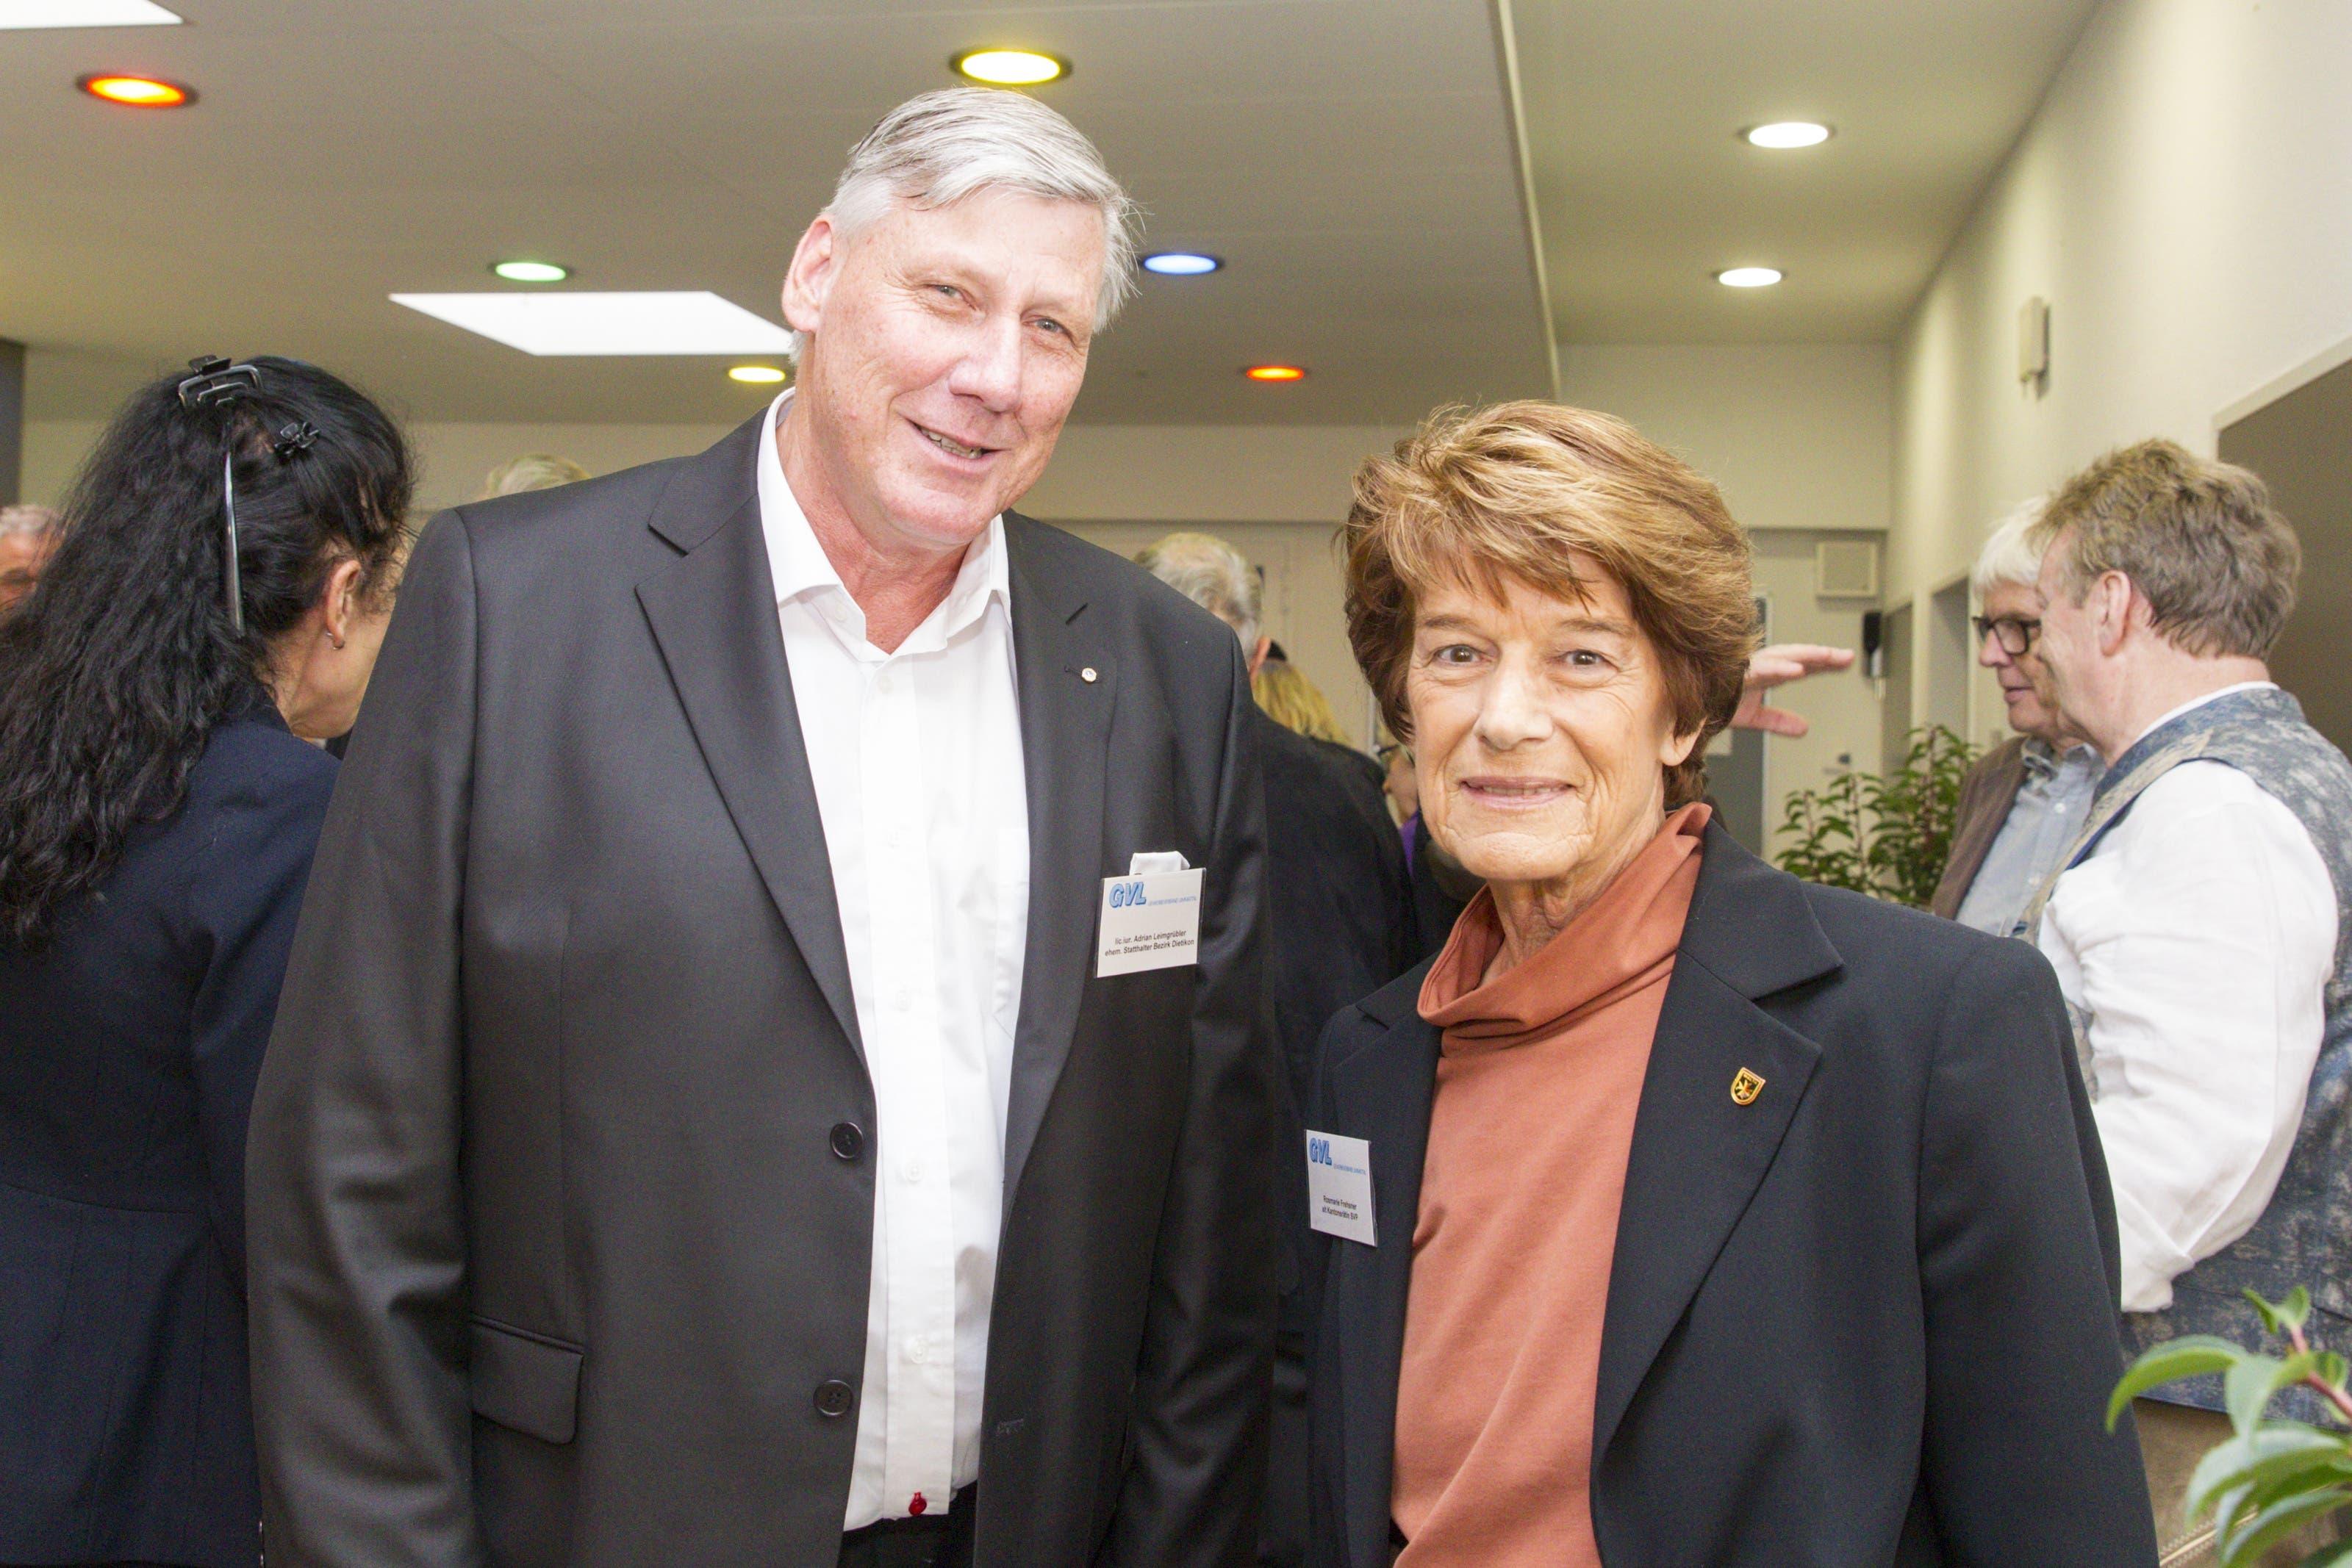 Langjährige Engagements fürs Limmattal: der Schlieremer alt Statthalter Adrian Leimgrübler und die Dietiker alt SVP-Kantonsrätin Rosmarie Frehsner.